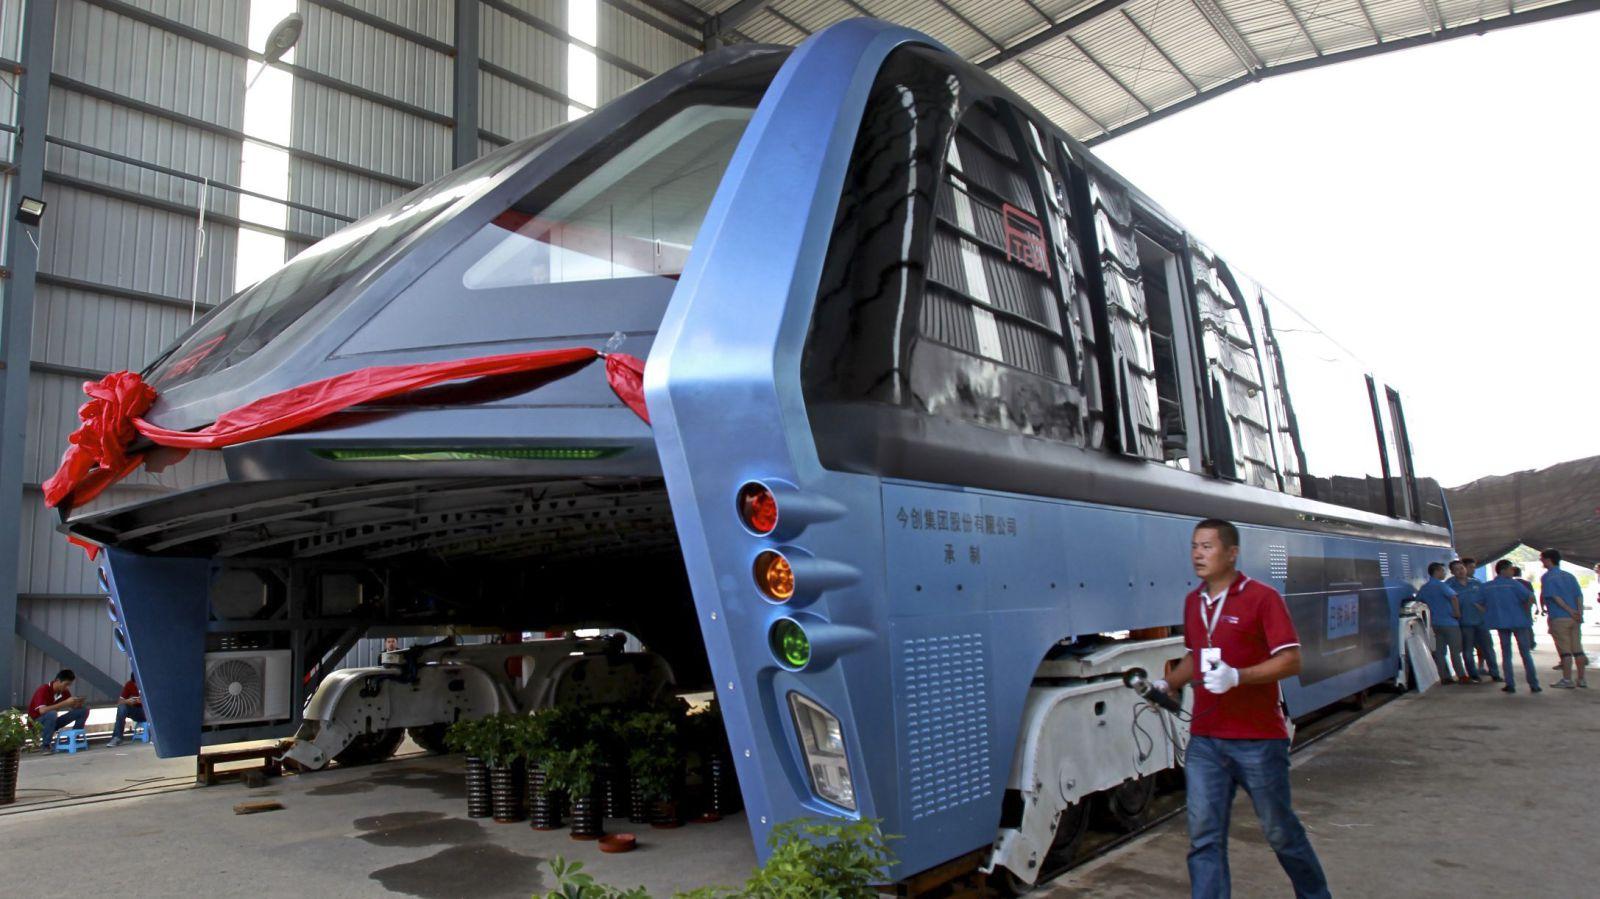 КНР: создателей «автобуса будущего» обвинили вмошенничестве